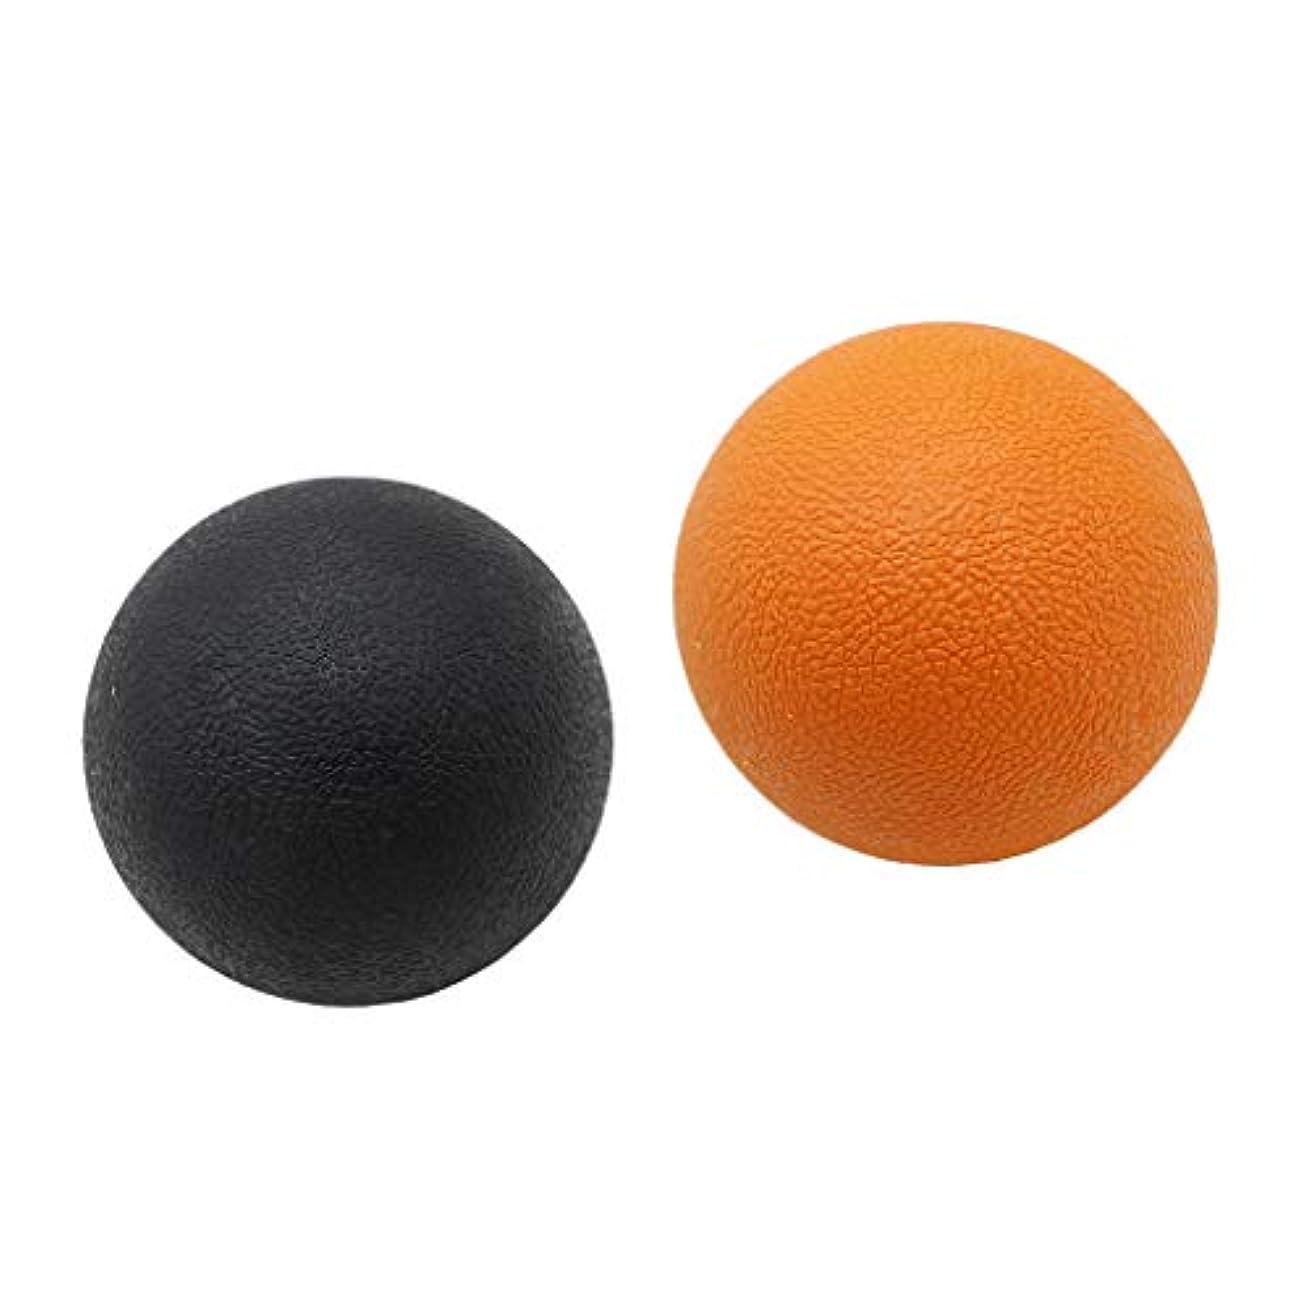 組立見て永遠にマッサージボール トリガーポイント ストレッチボール トレーニング 背中 肩 腰 マッサージ 多色選べる - オレンジブラック